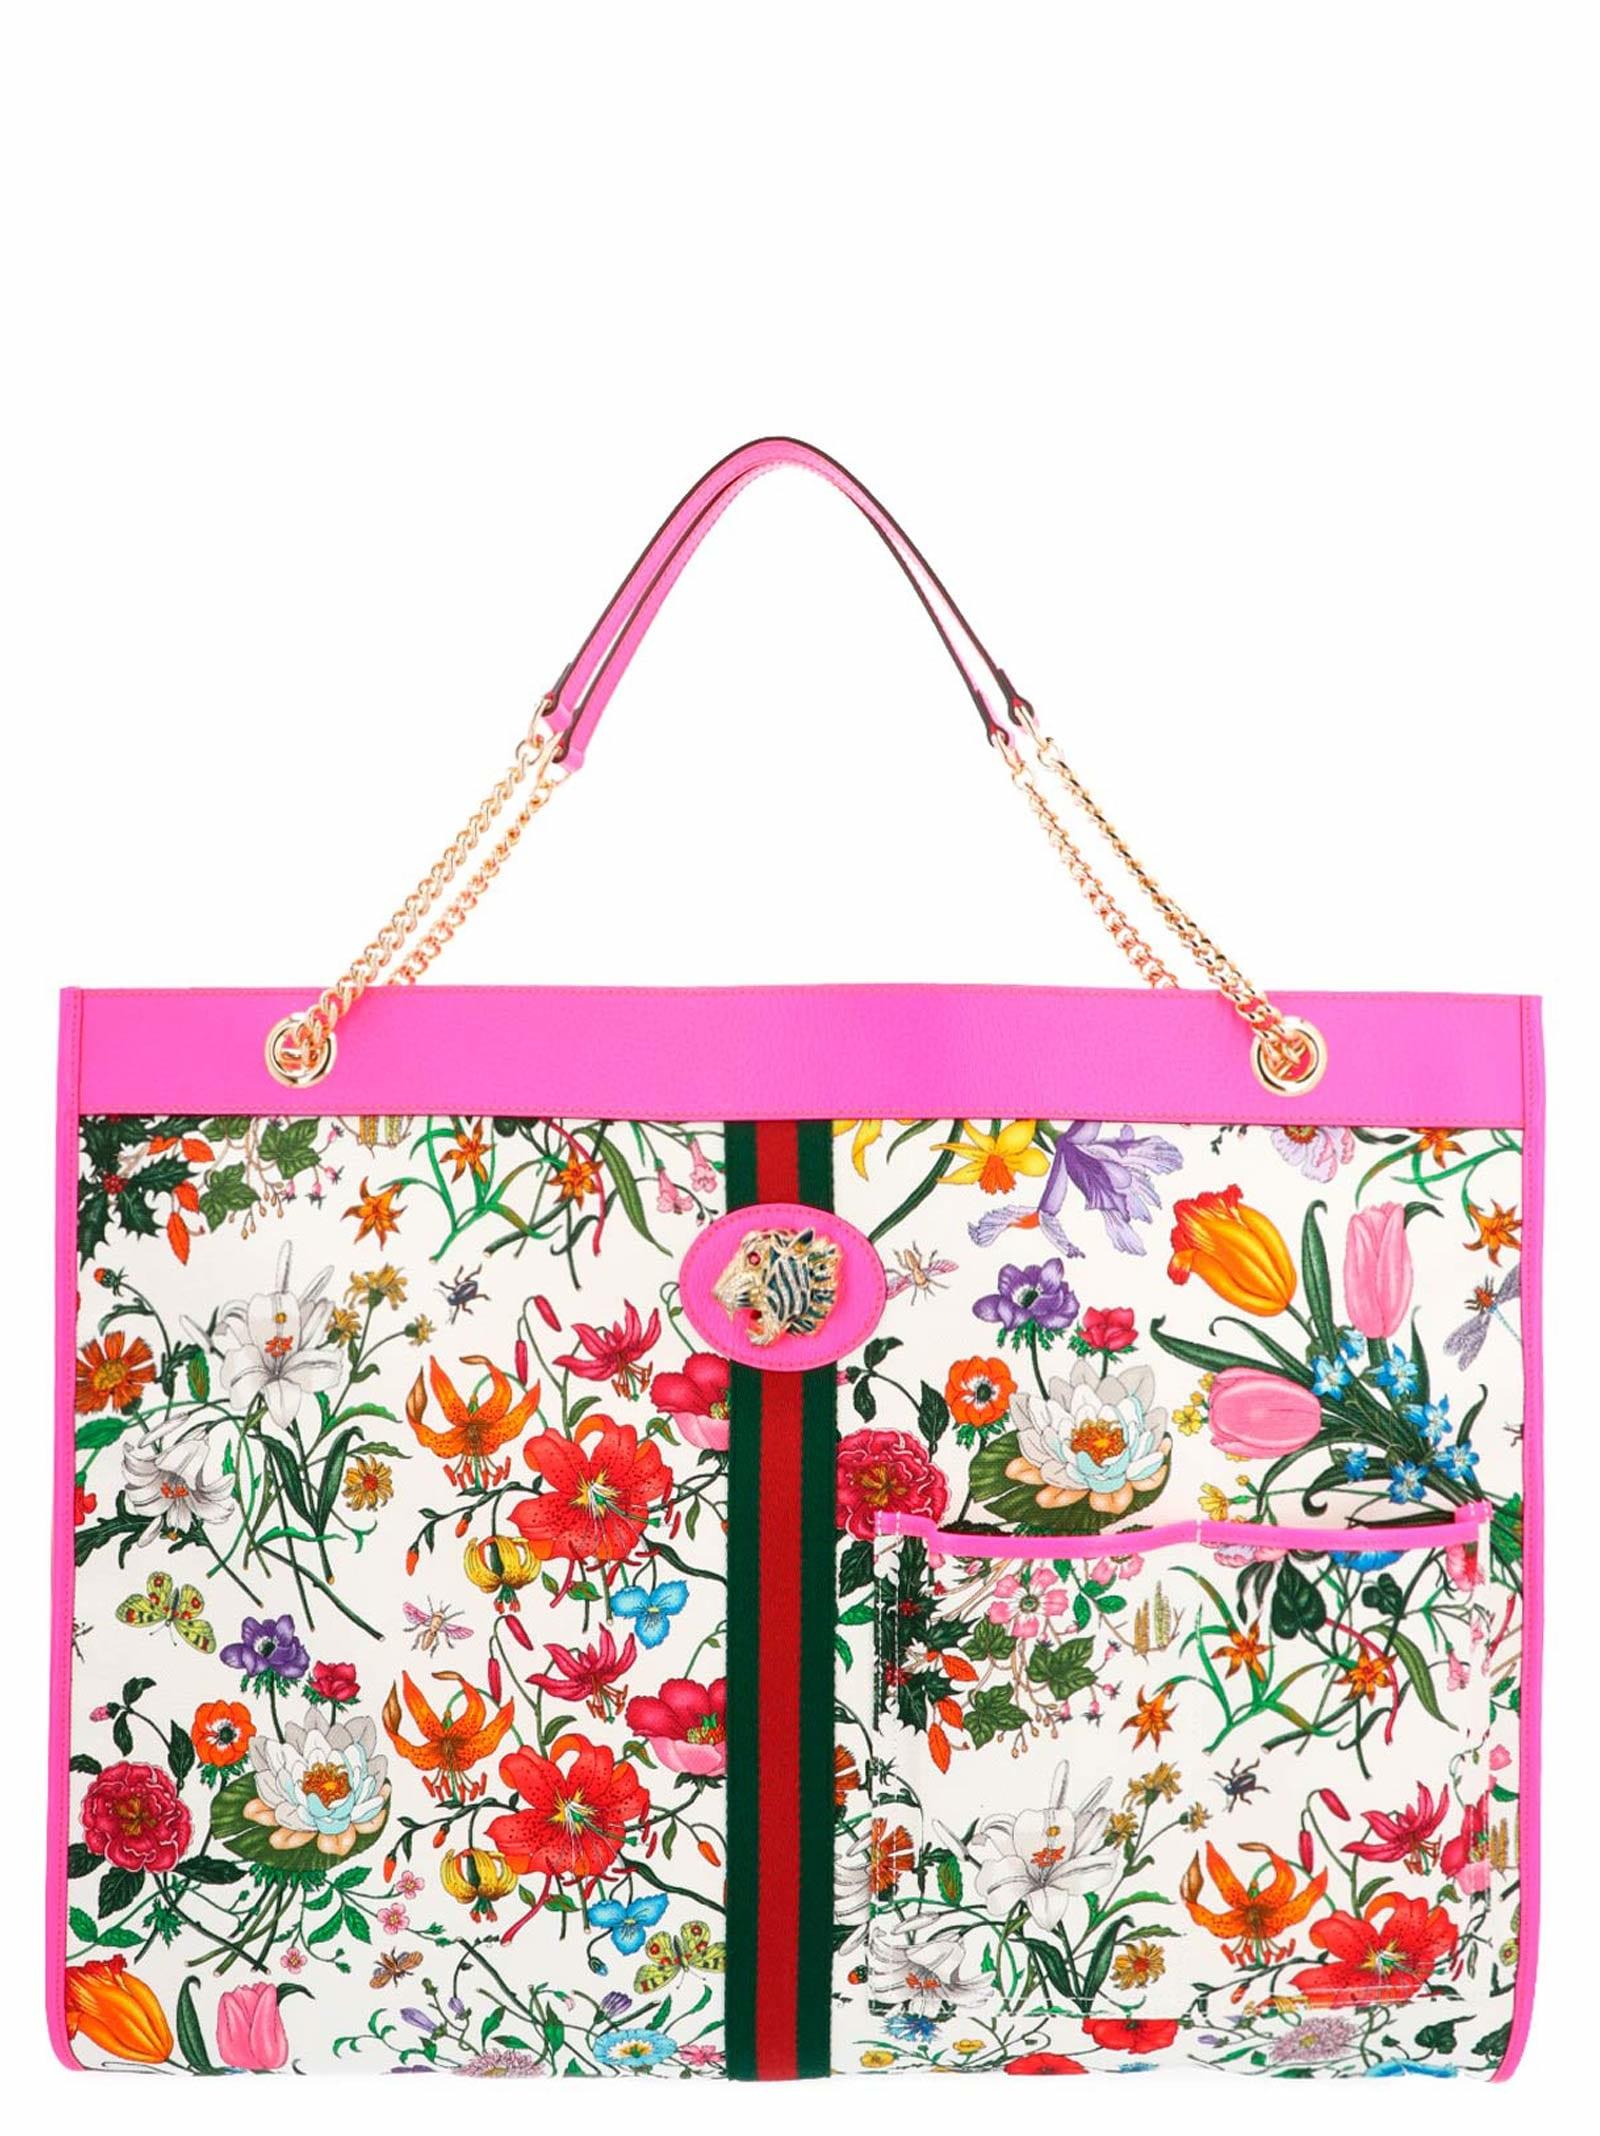 Gucci tiger Bag